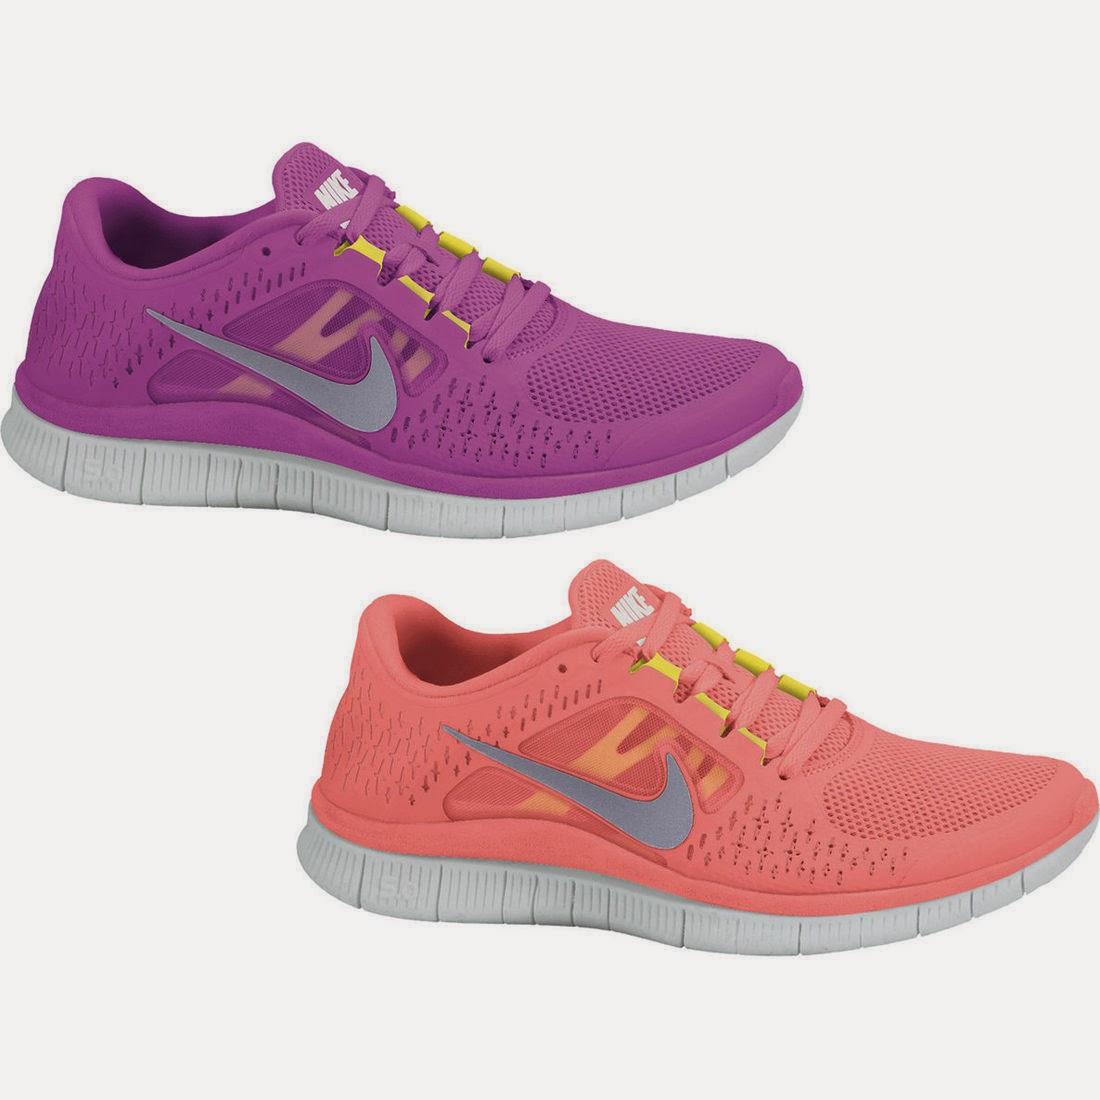 modelos de zapatos adidas mujer 227139_a849d4cbd24bdde6